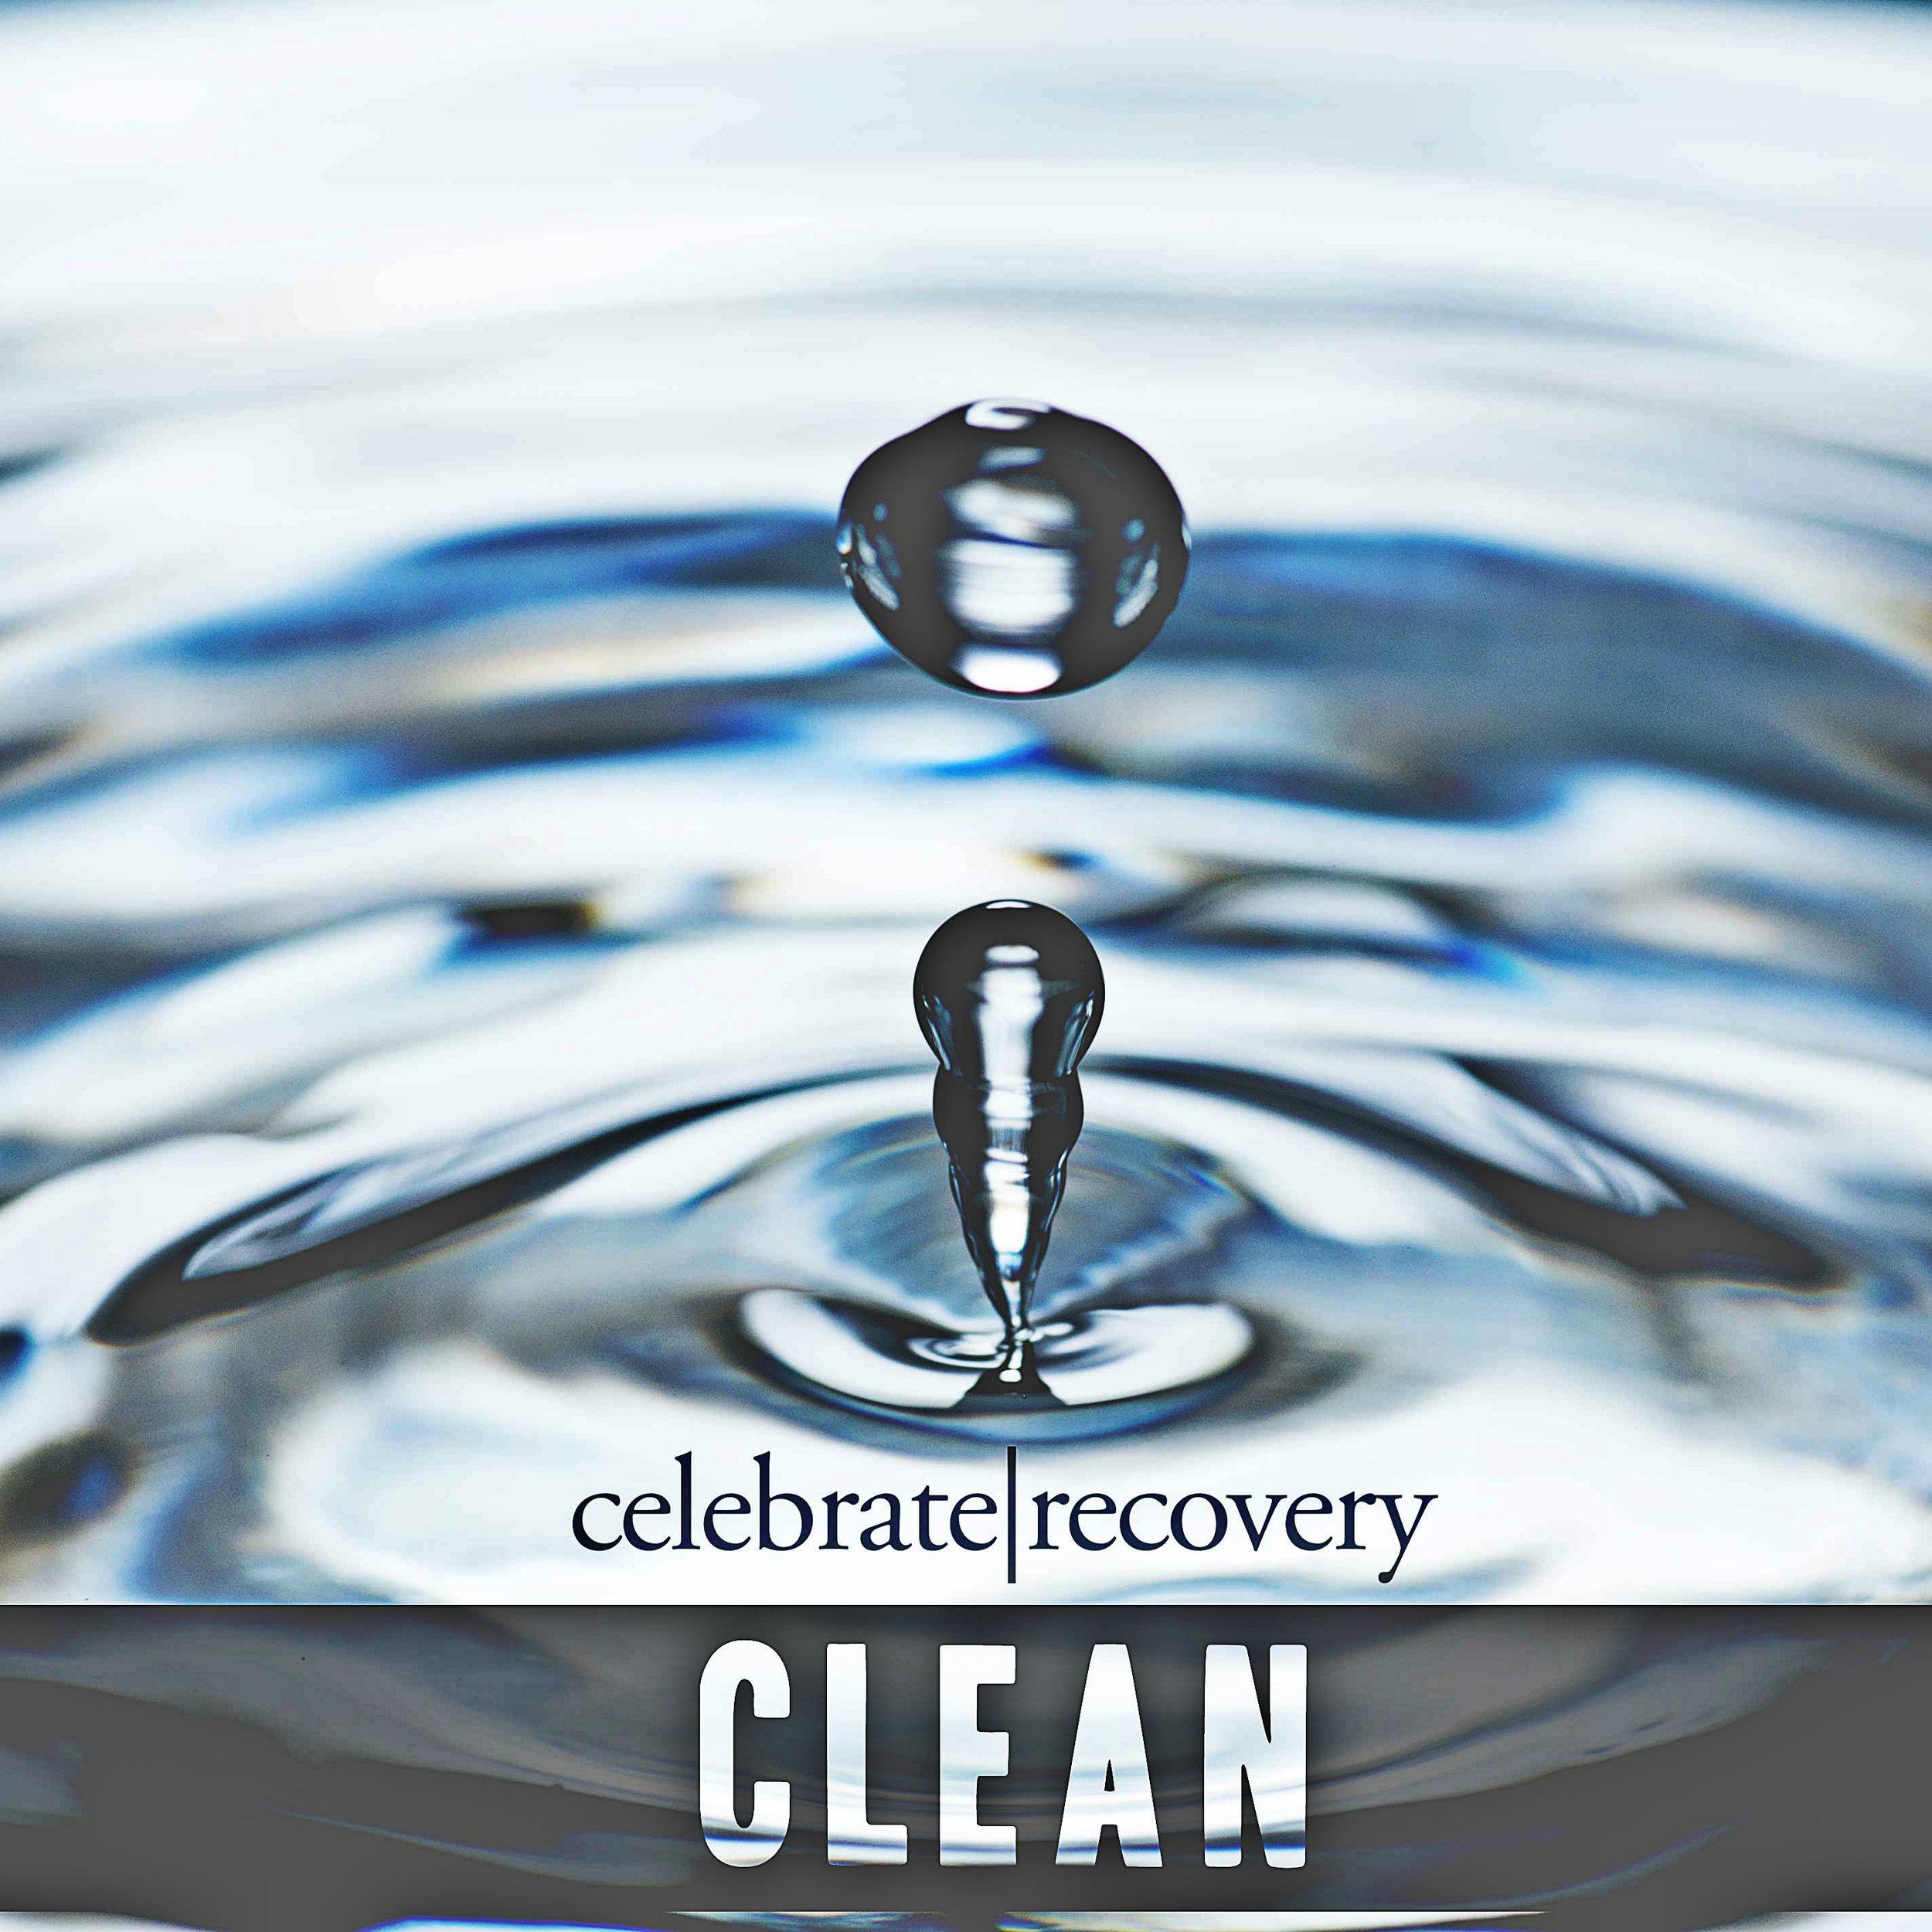 CleanAlbumCover_new2 Variation 5.jpg